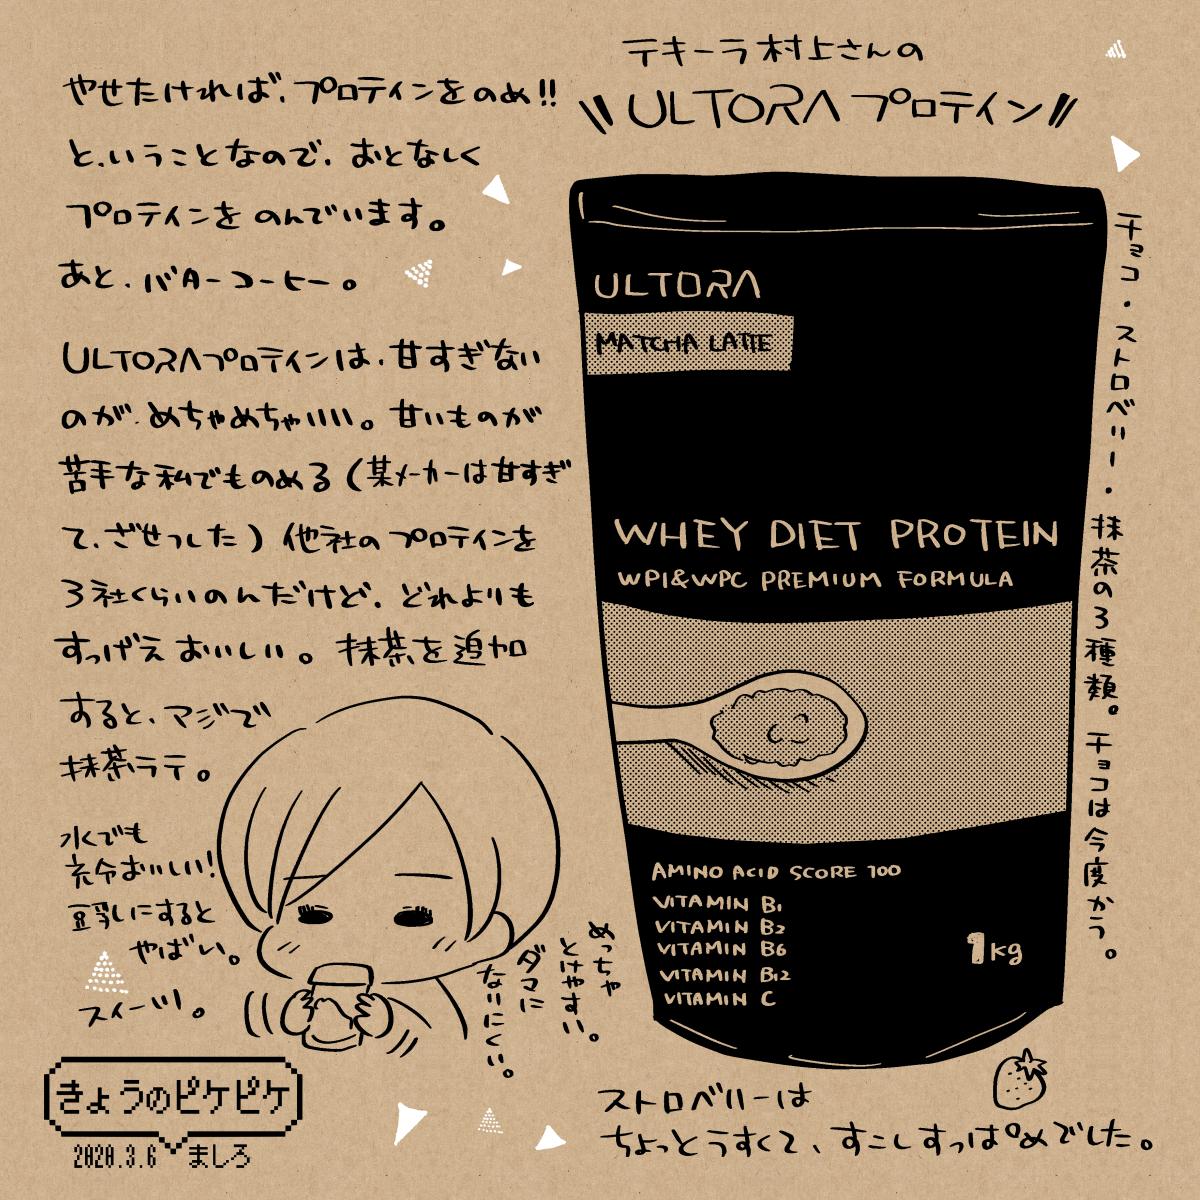 ULTORAのプロテイン